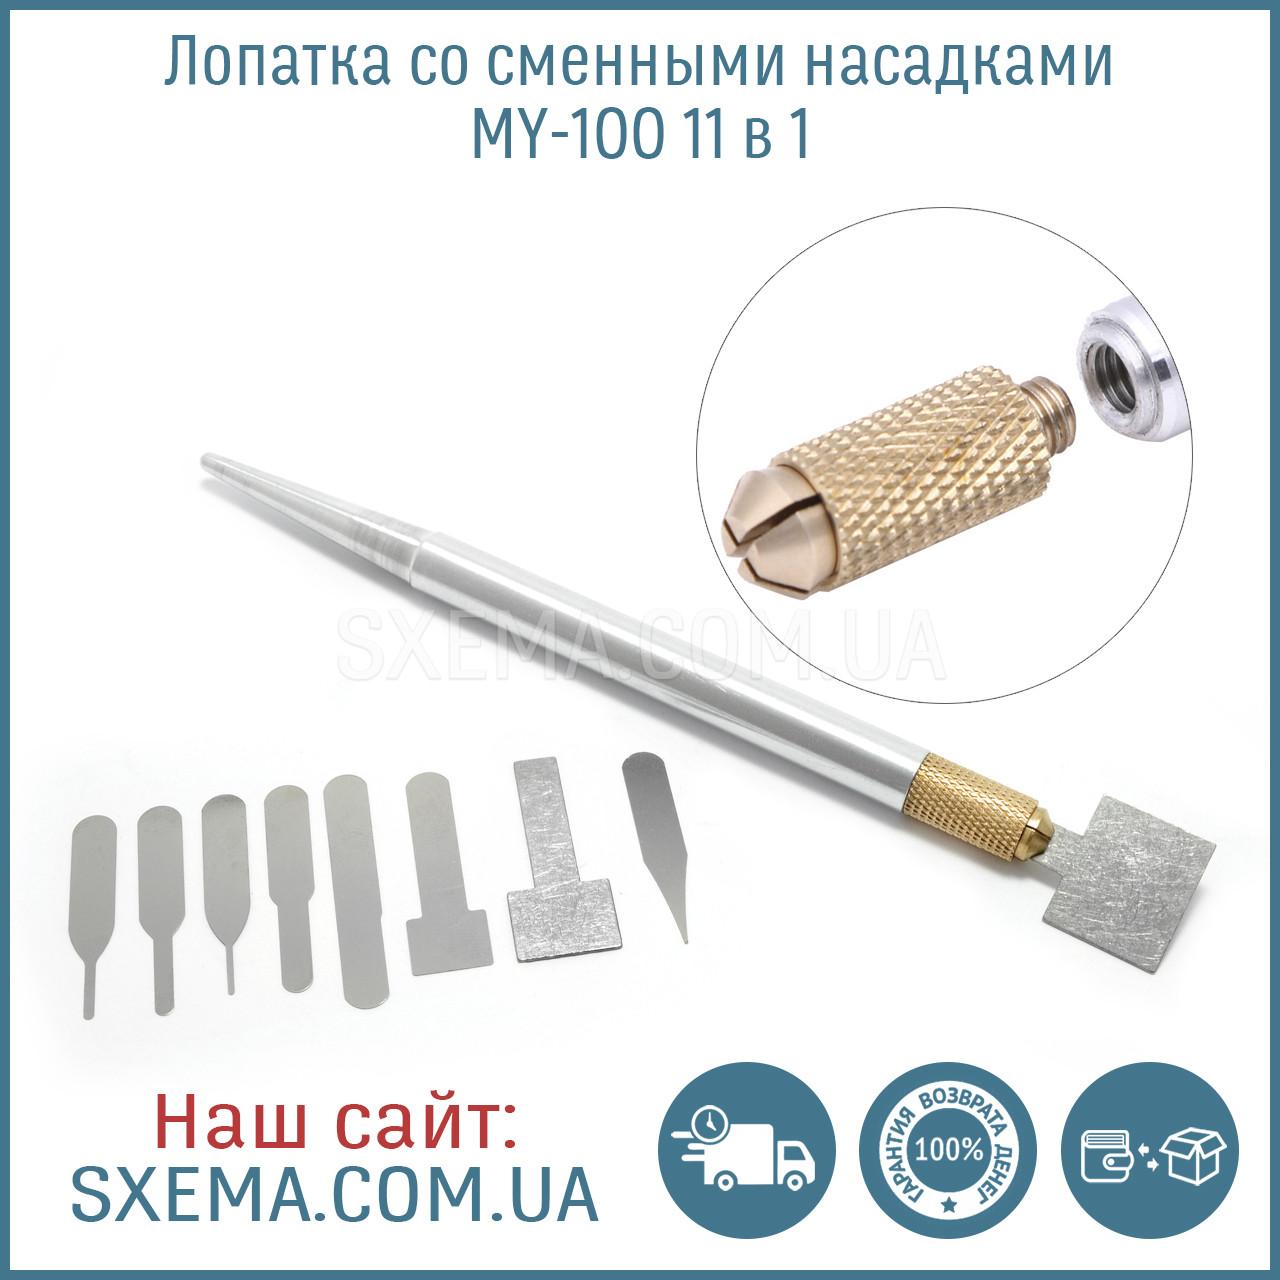 Лопатка MY-100 для BGA со сменными насадками (11в1) металлическая